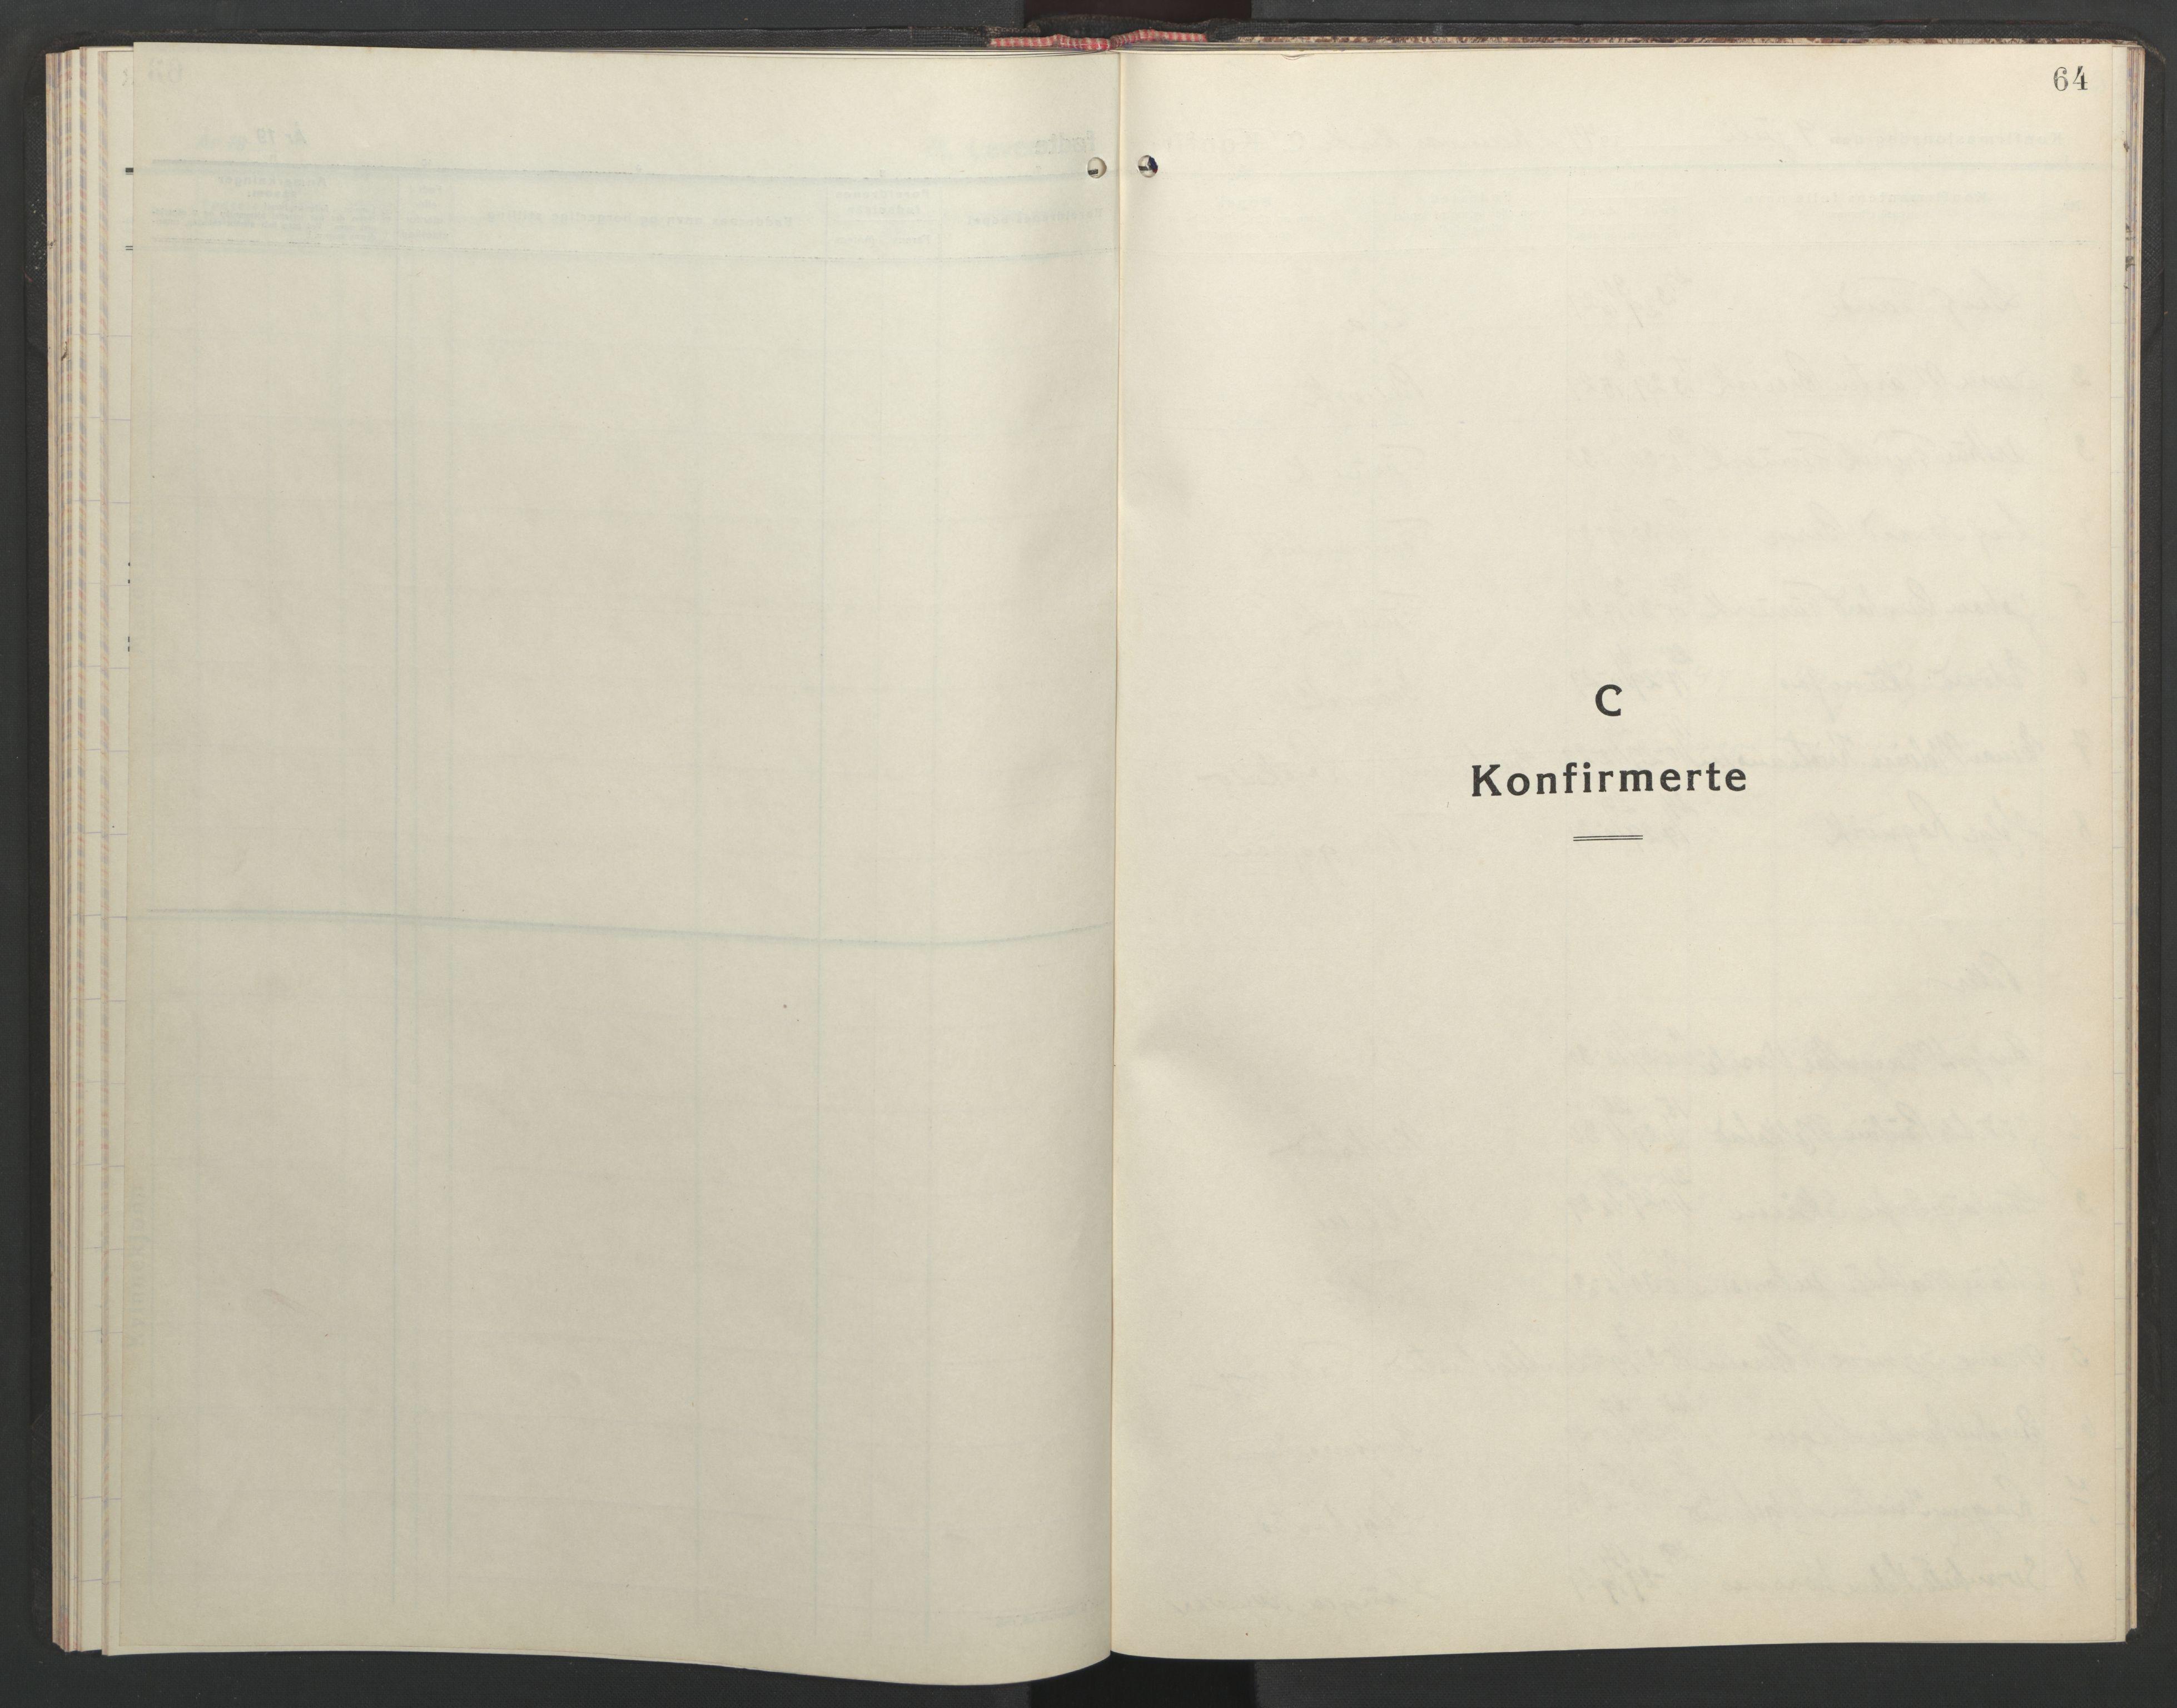 SAT, Ministerialprotokoller, klokkerbøker og fødselsregistre - Sør-Trøndelag, 635/L0556: Klokkerbok nr. 635C04, 1943-1945, s. 64